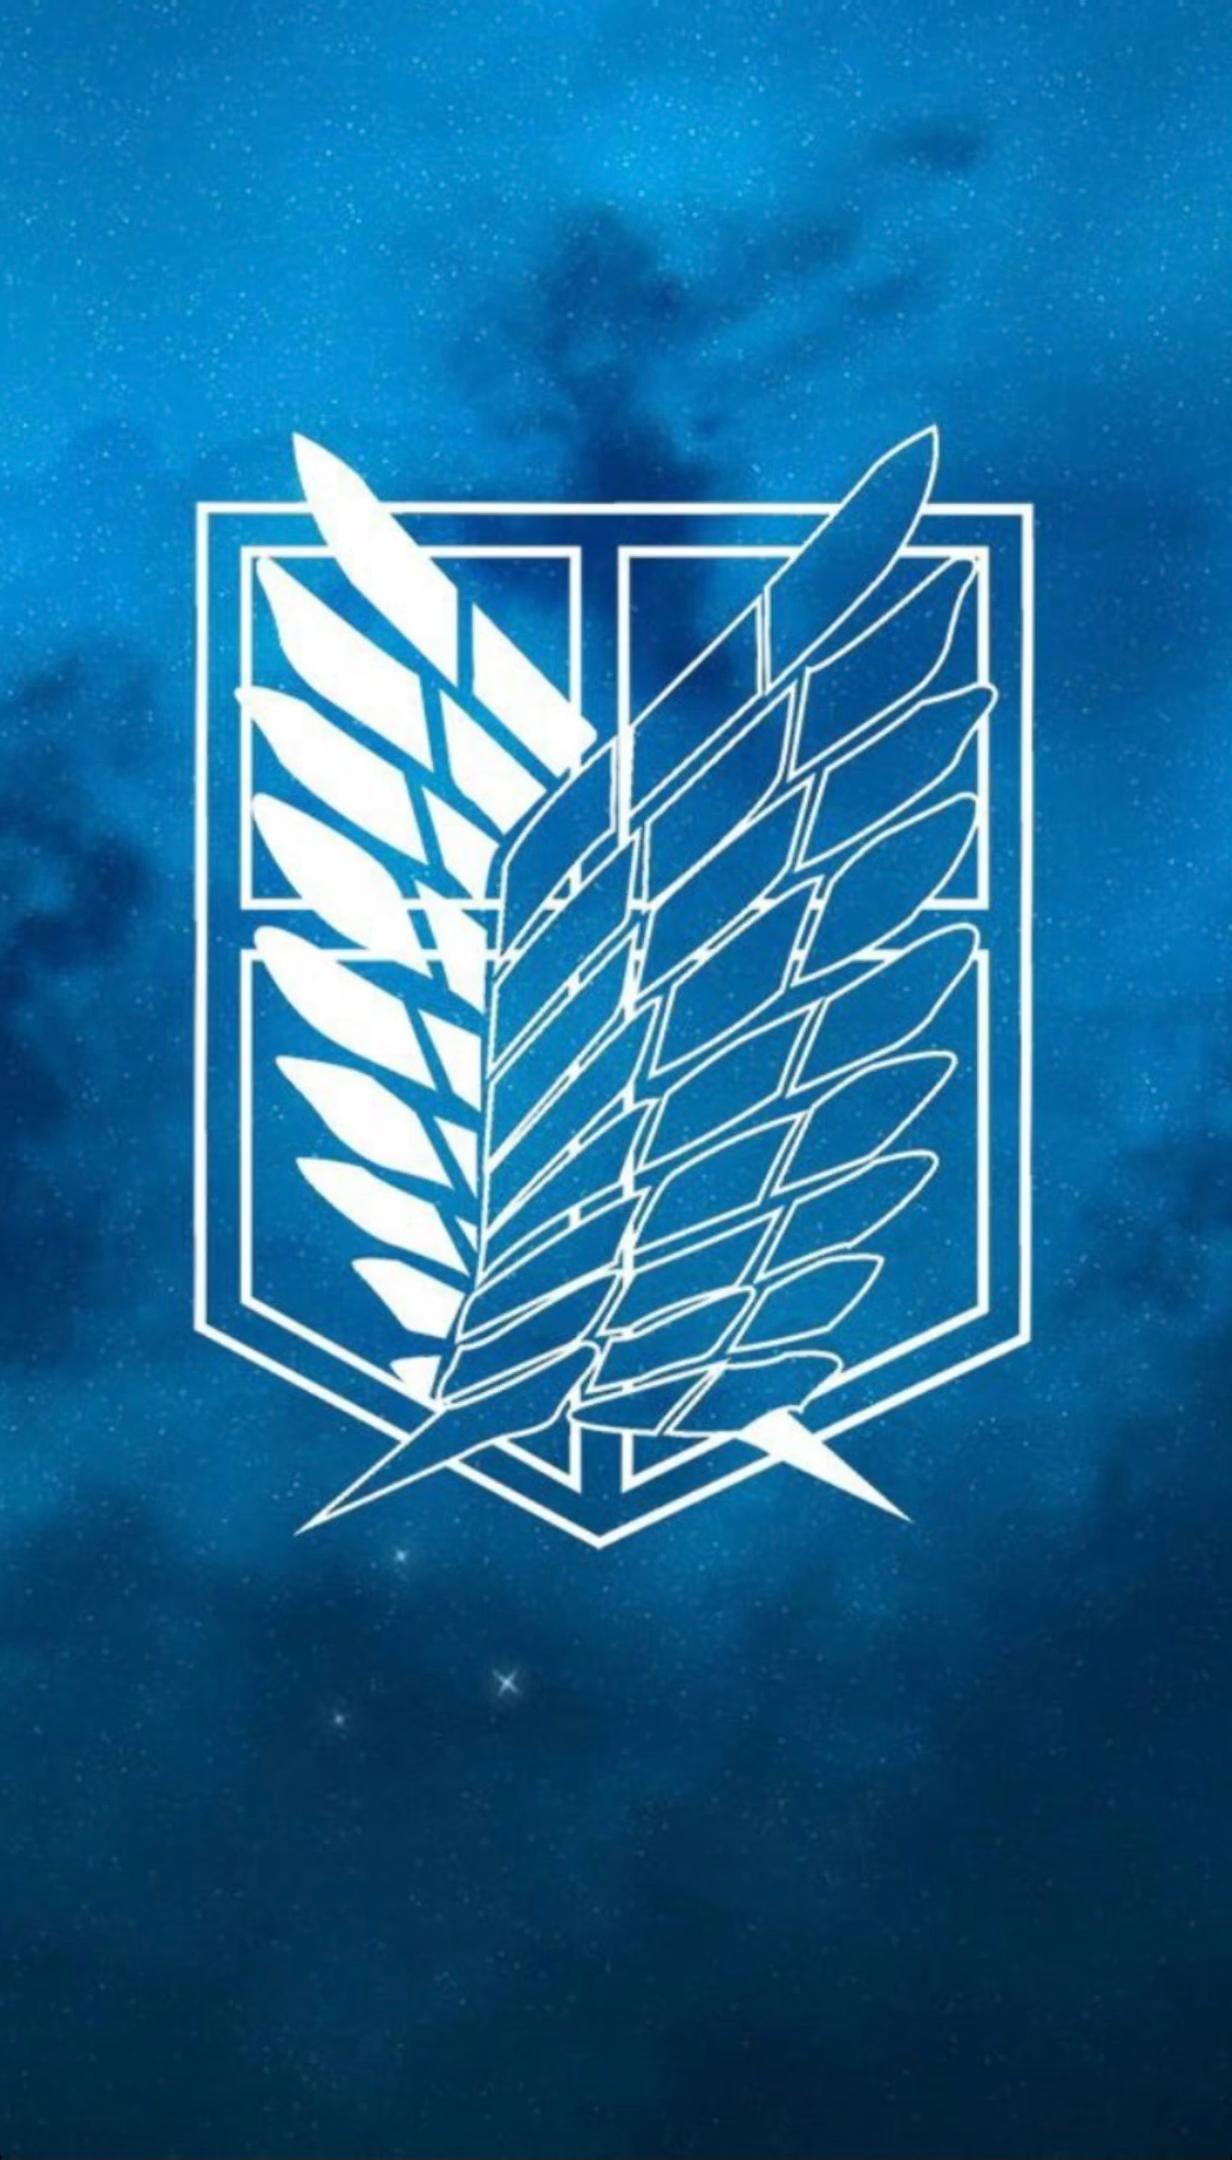 Survey Corps Logo 3D